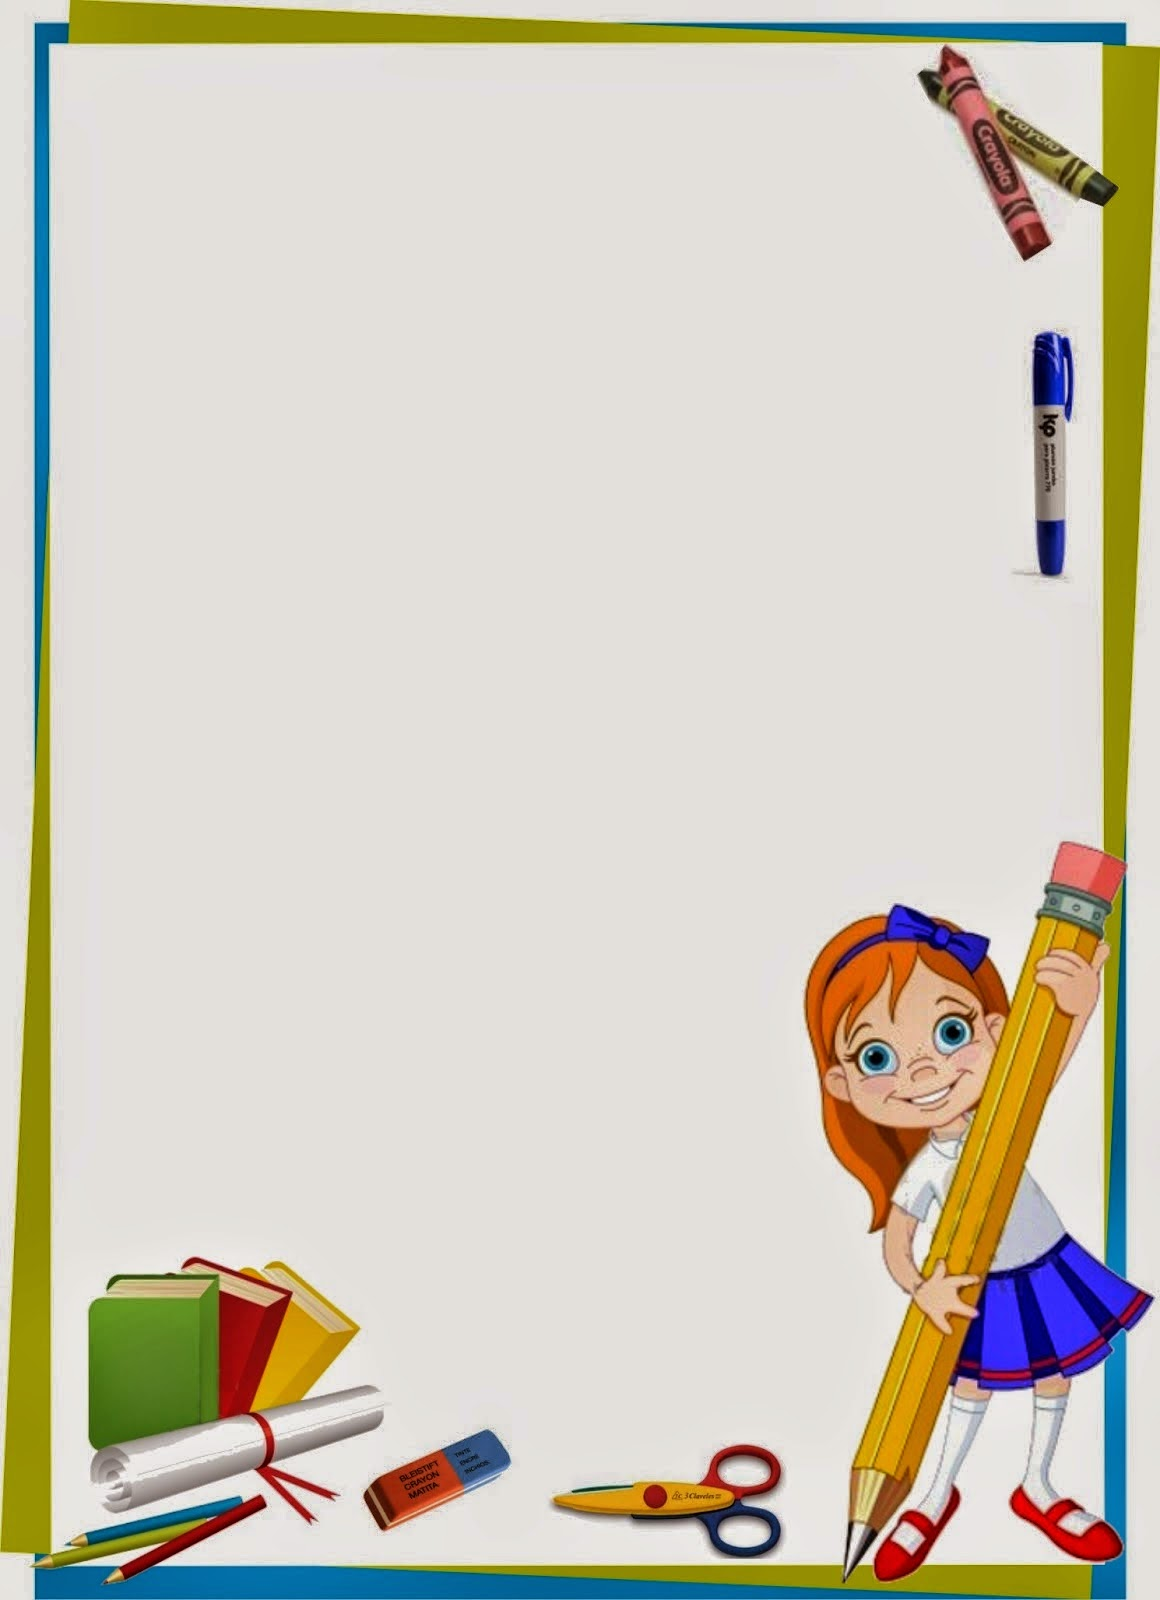 Caratulas y Recursos para Estudiantes: Caratulas para niñas View ...